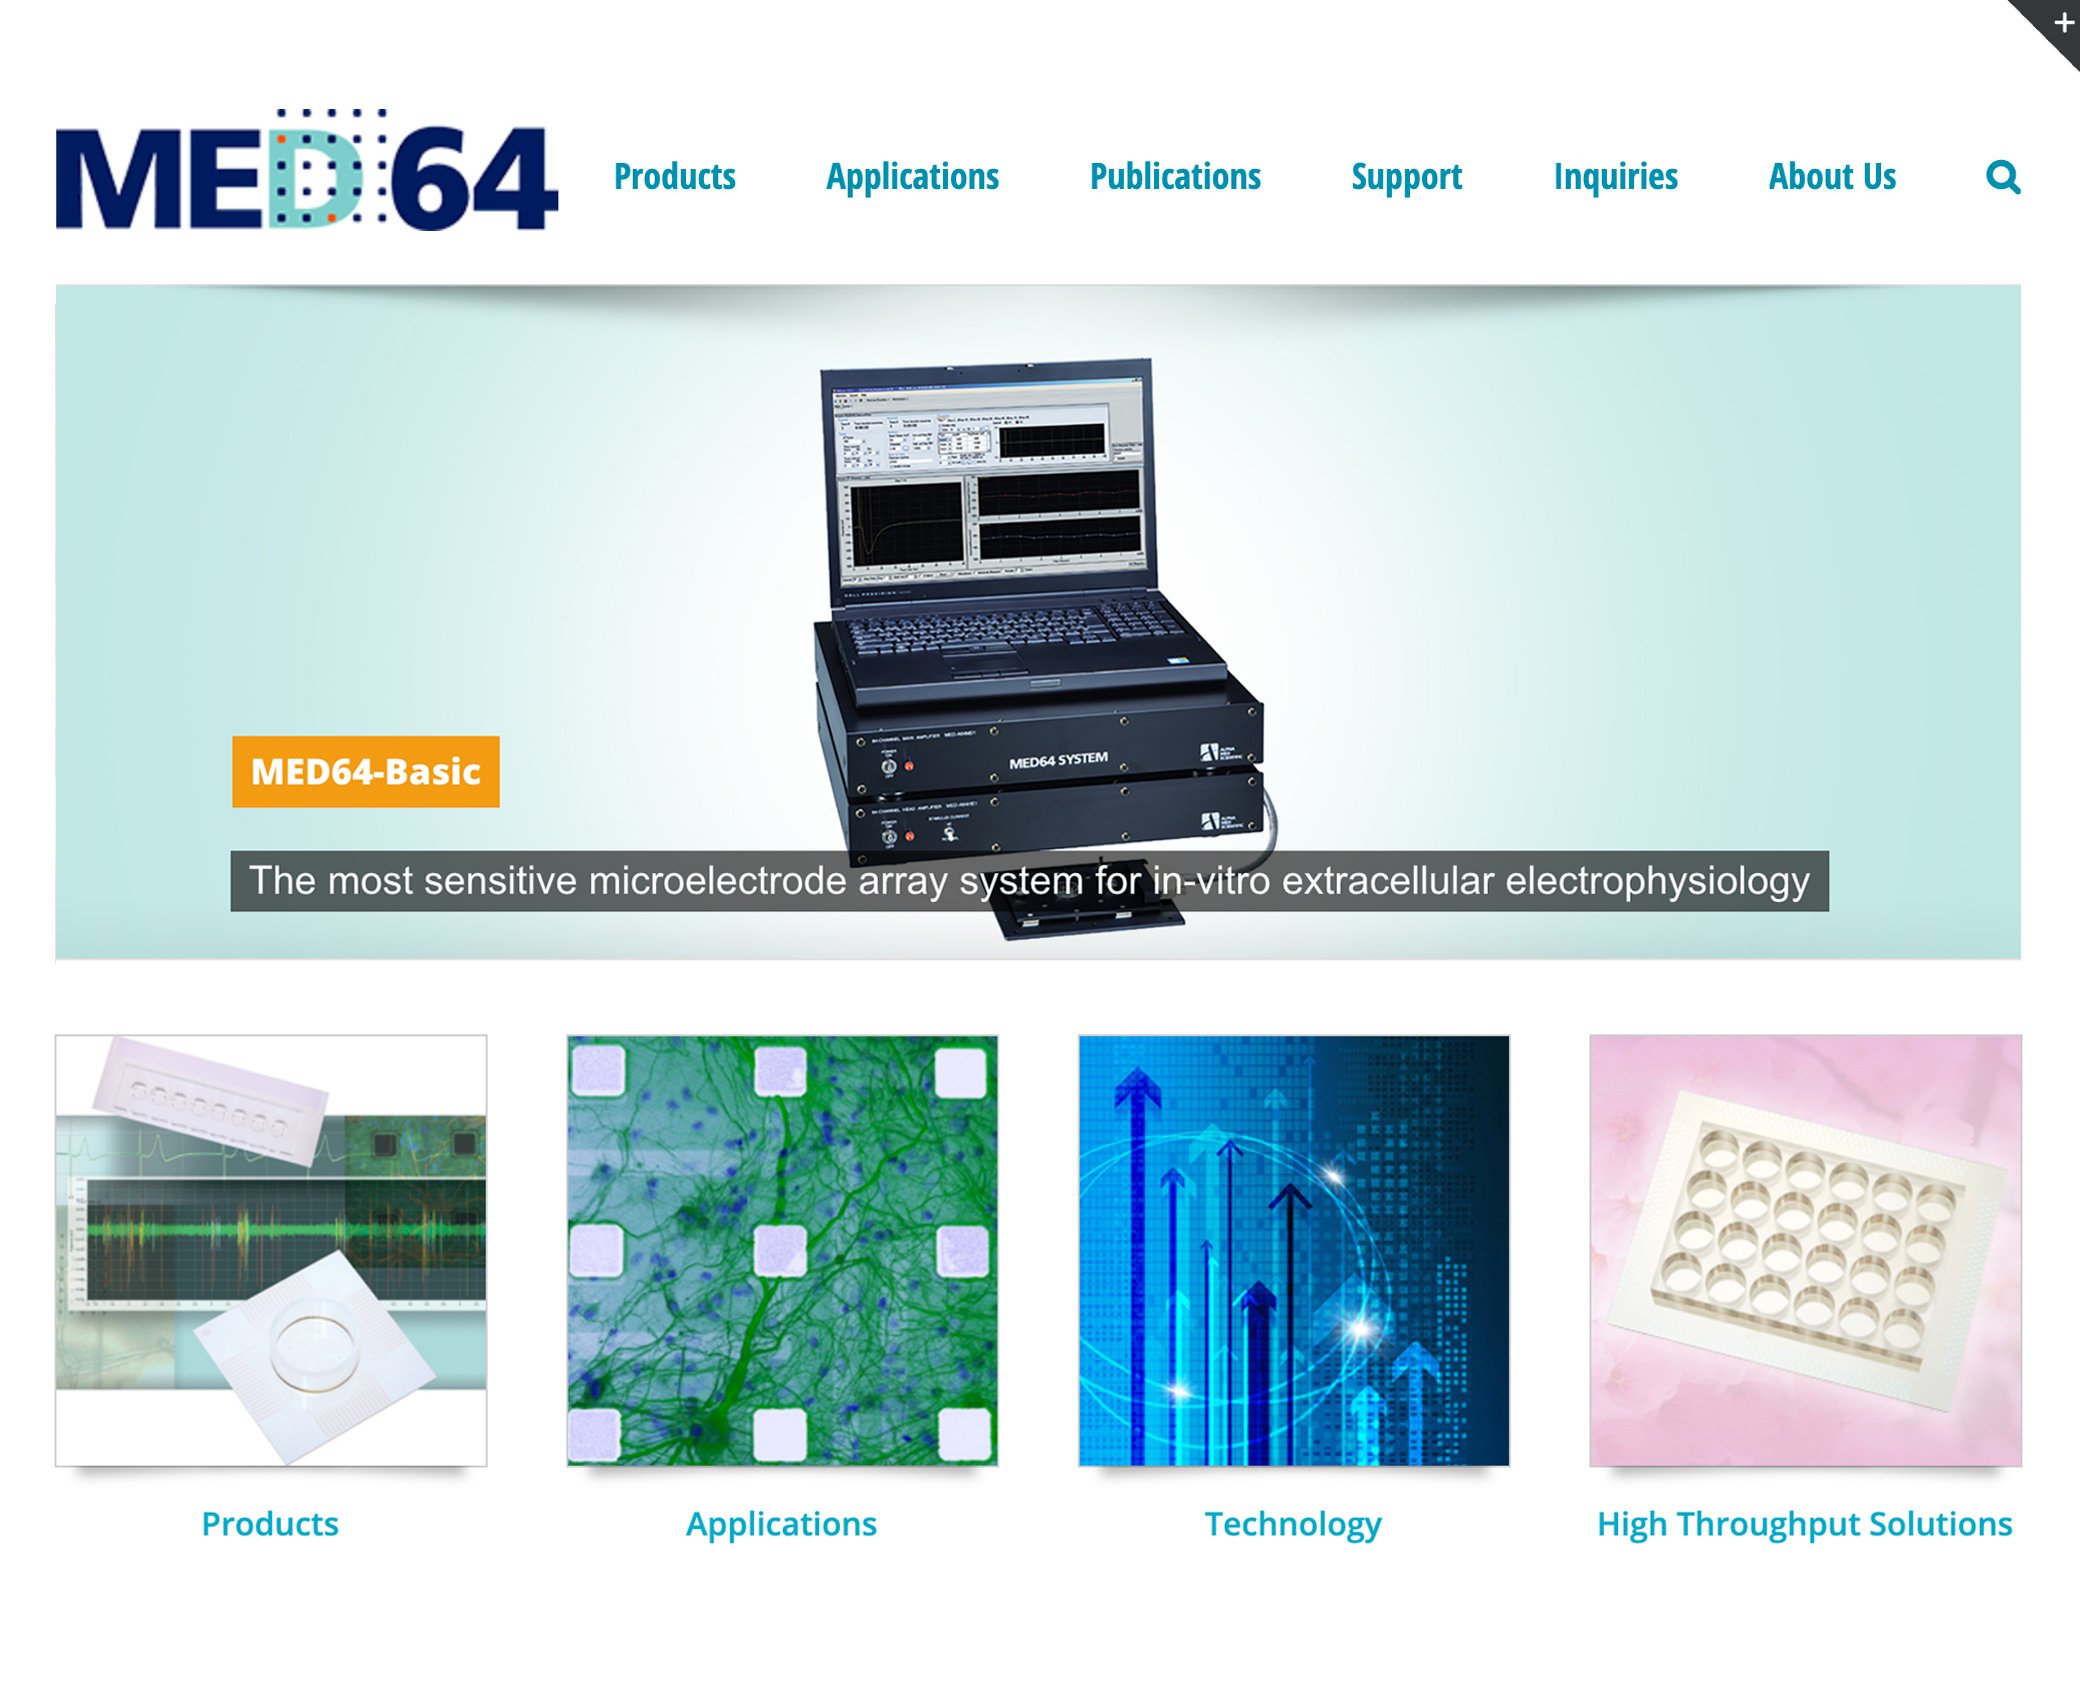 MED64